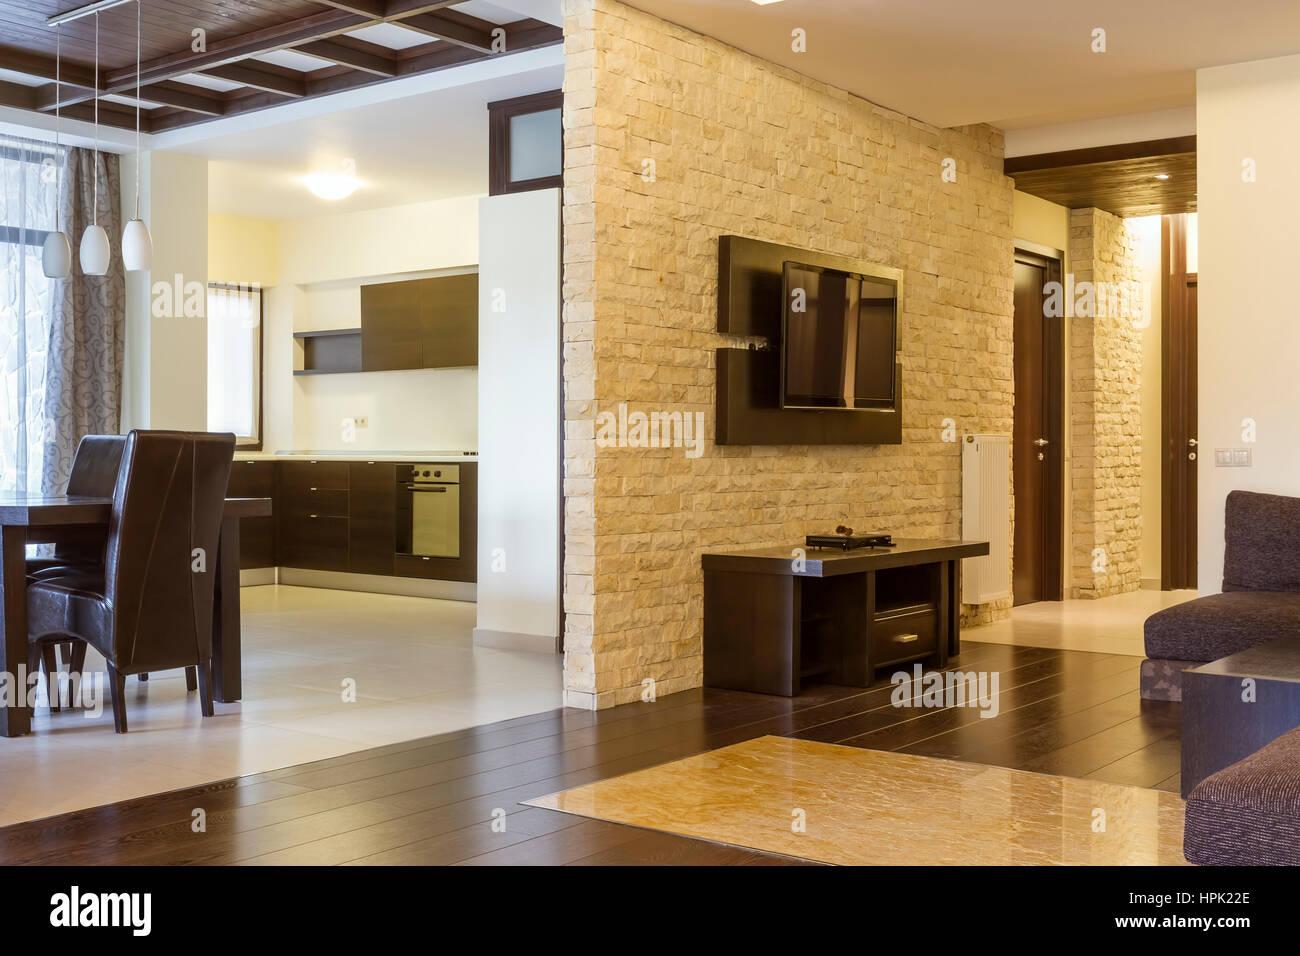 Moderne Wohnzimmer und moderne Küche. Die Wand mit ...